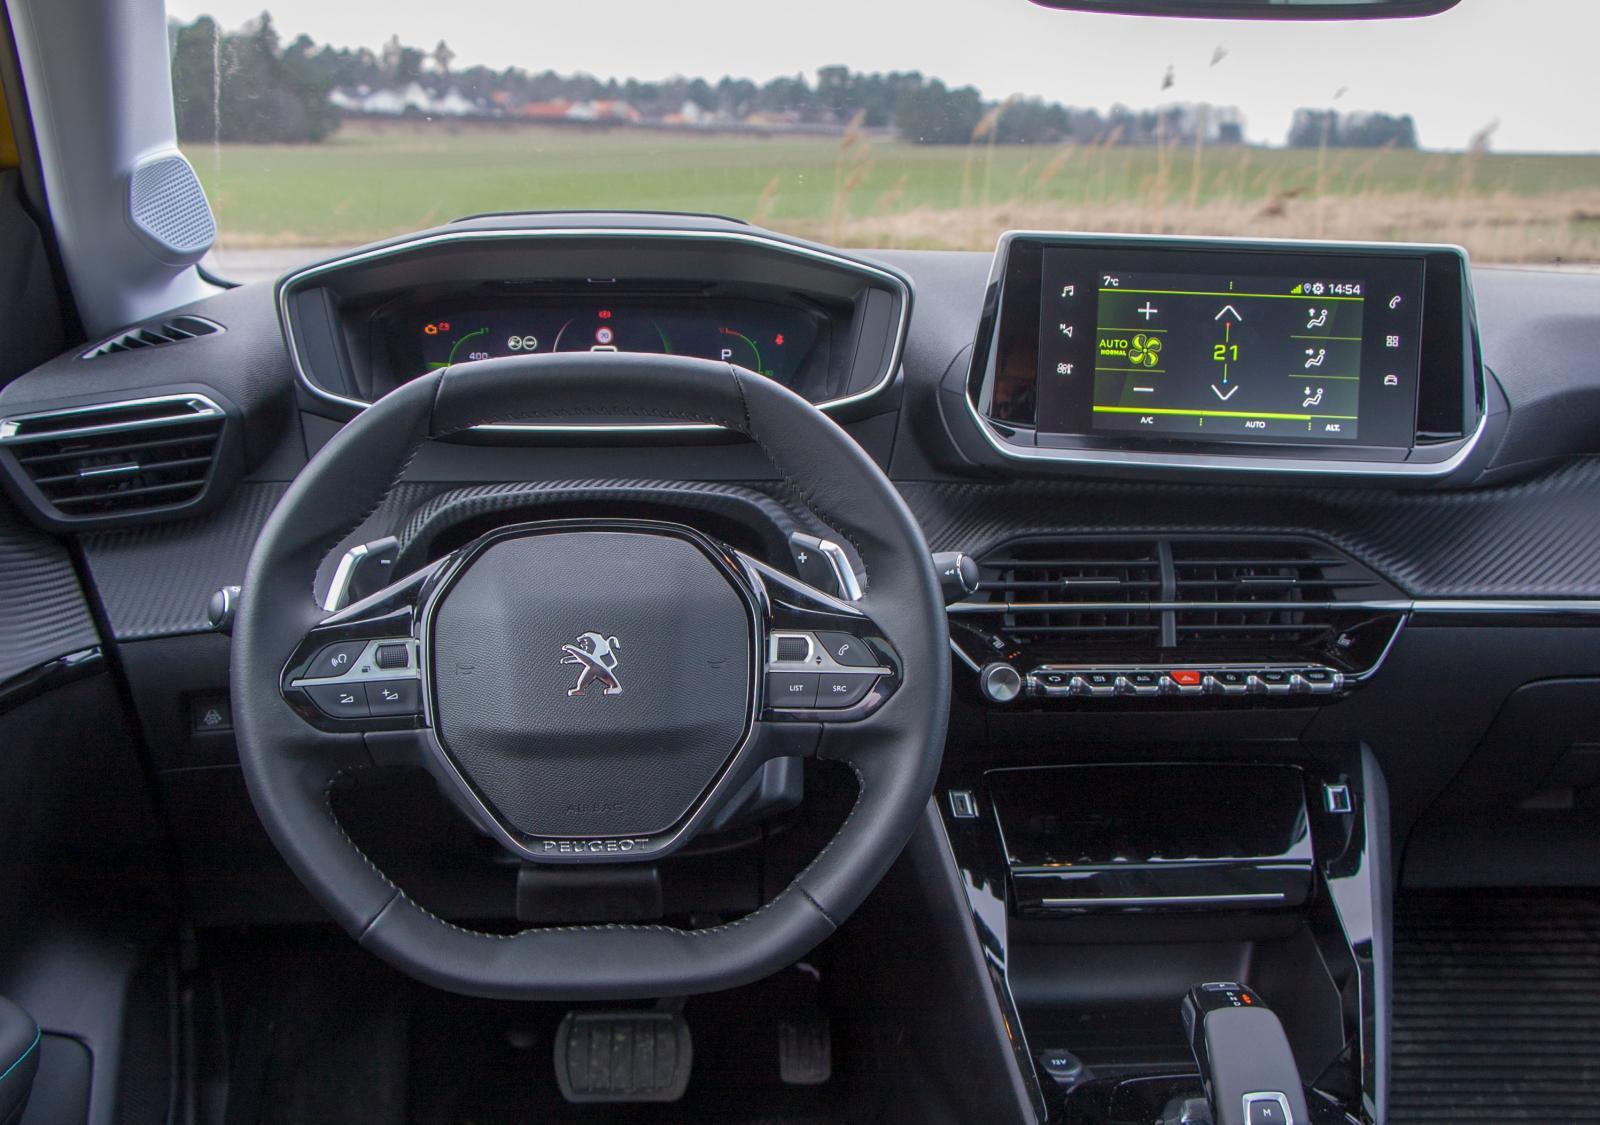 Mazda: Spektakulära former med Peugeots typiska, högt placerade instrumenthus och en liten, flerkantig ratt. Härlig rymdkänsla trots litet format.